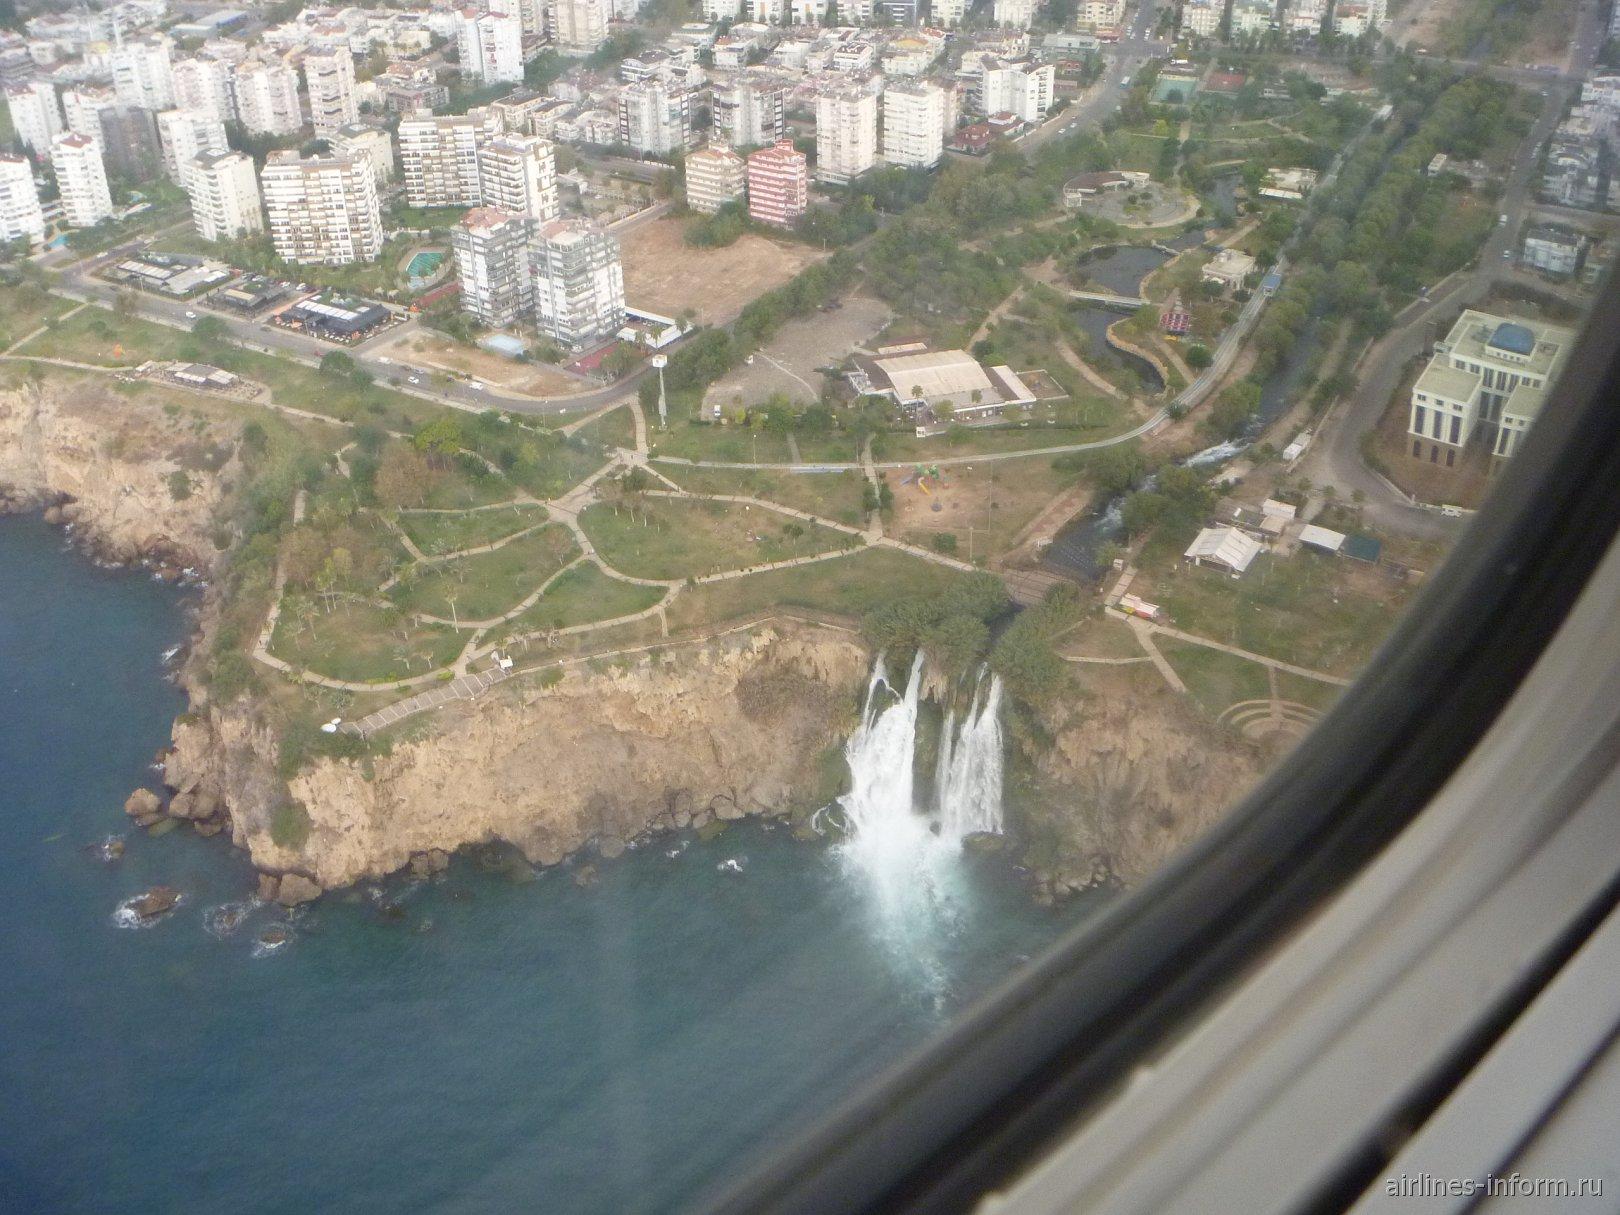 Поздней осенью по Турции. Часть 3. Анкара - Анталья на Boeing 737-800 Turkish Airlines for AnadoluJet.